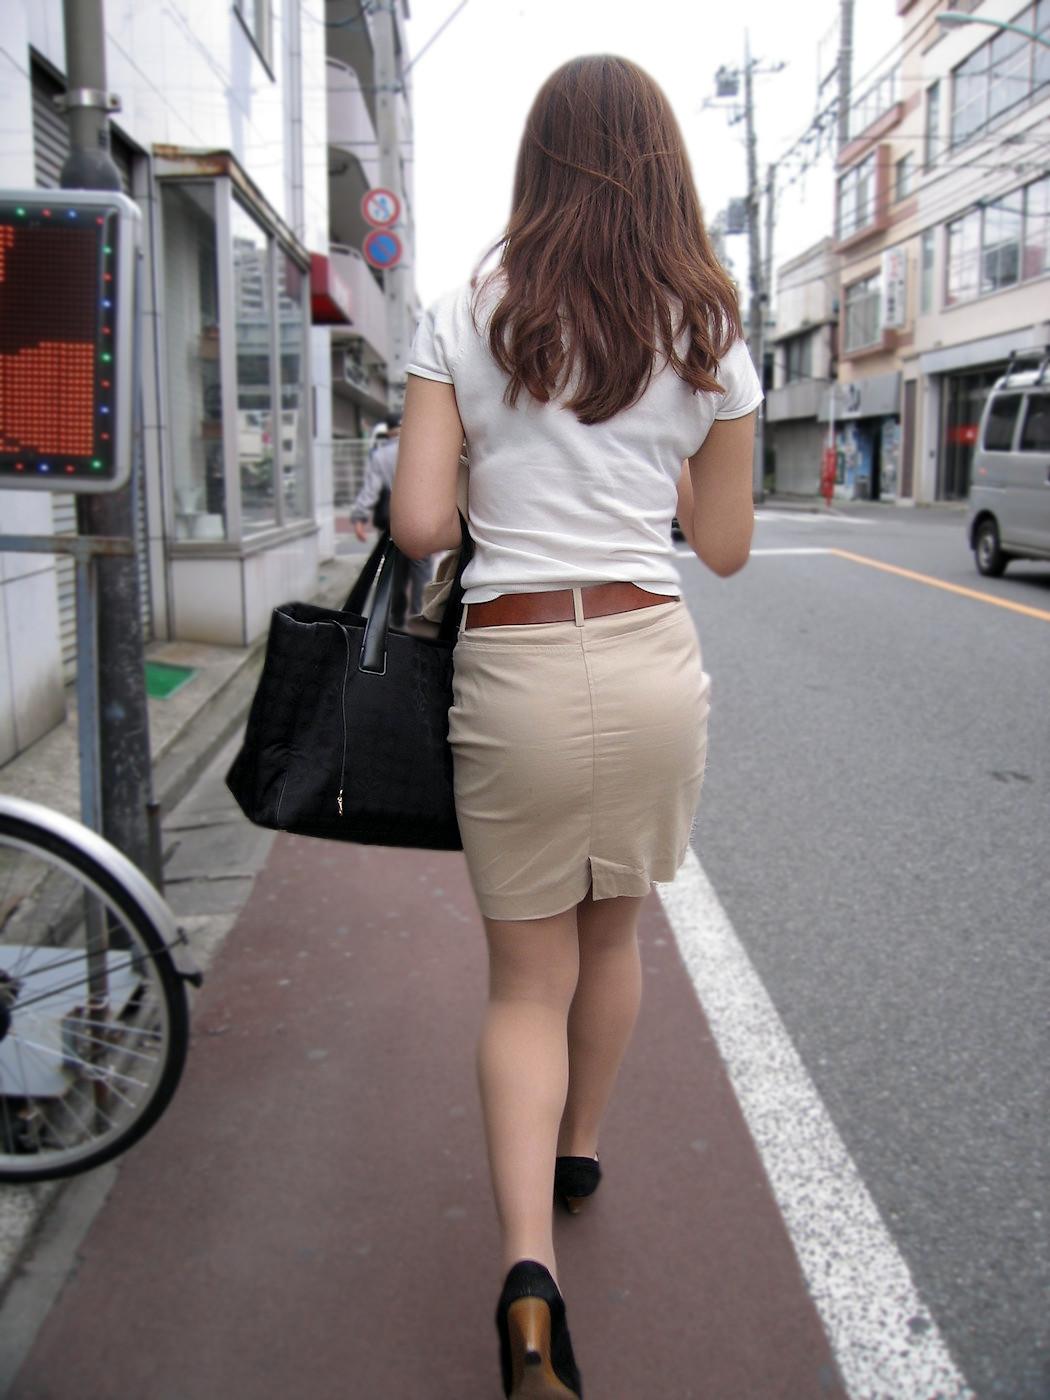 働く女性のお尻とか胸チラしてるOL画像くださいwwwwwwwwwwwwwwww MRpuTQ4